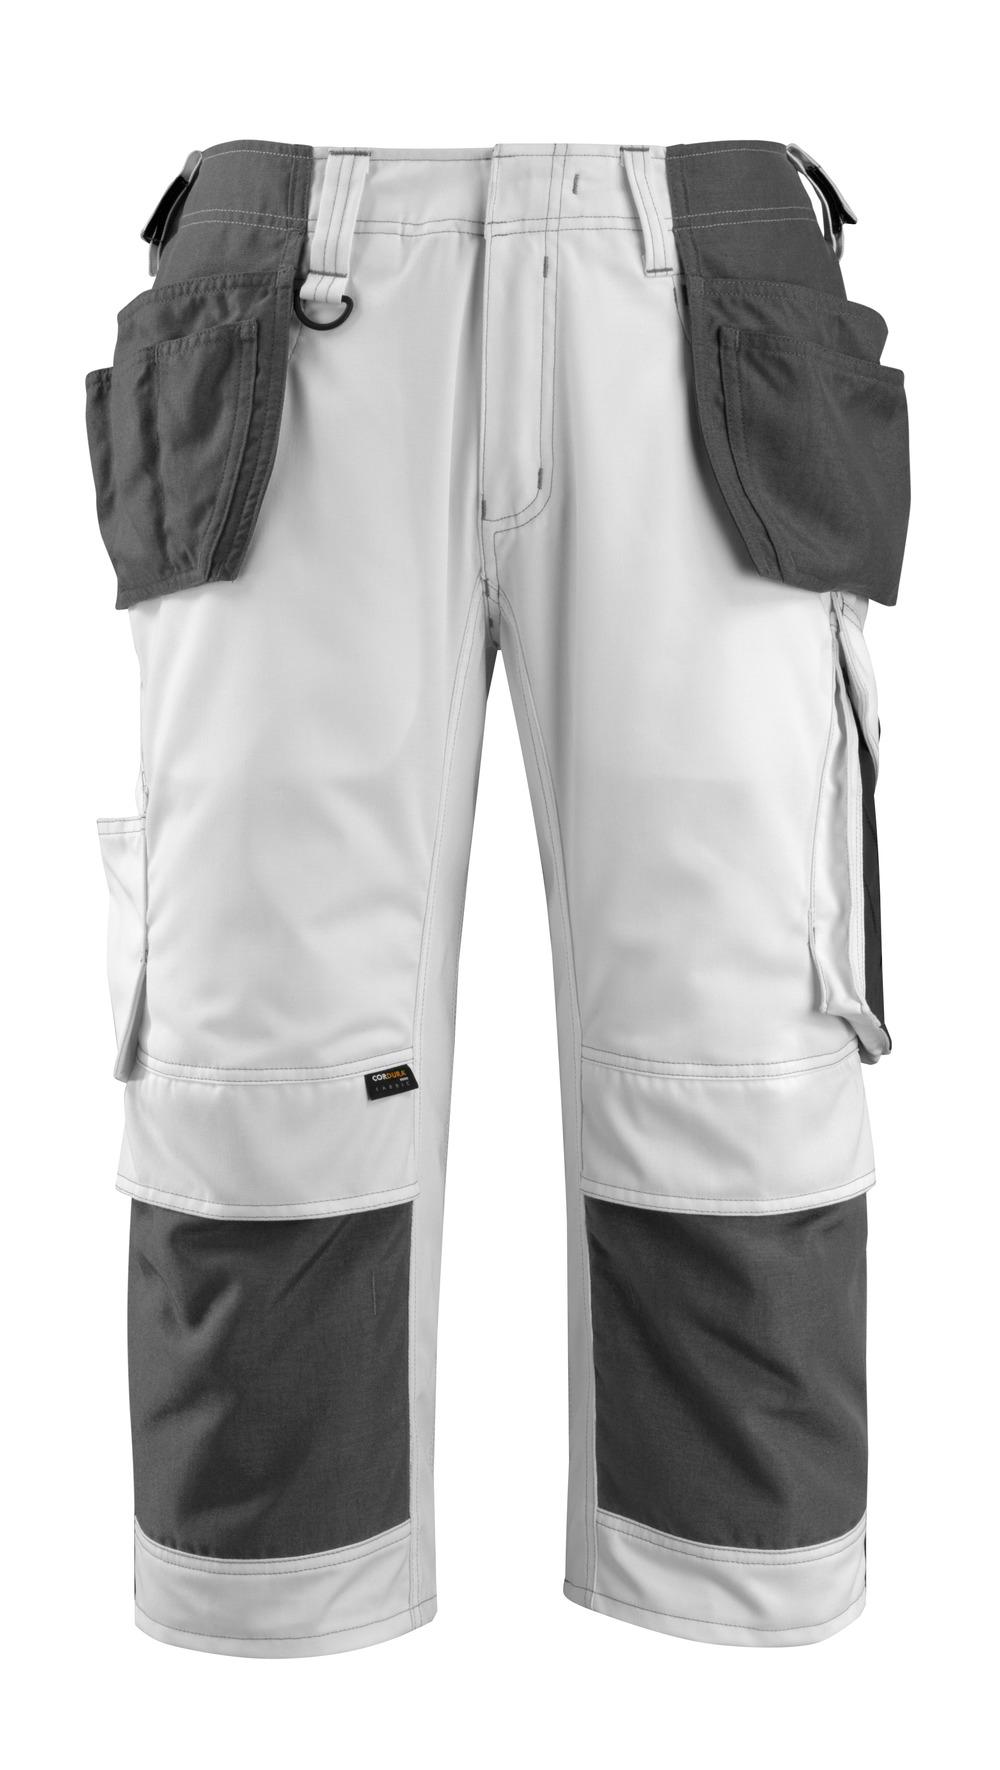 14349-442-0618 ¾-housut polvi- ja riipputaskuilla - valkoinen/tumma antrasiitti